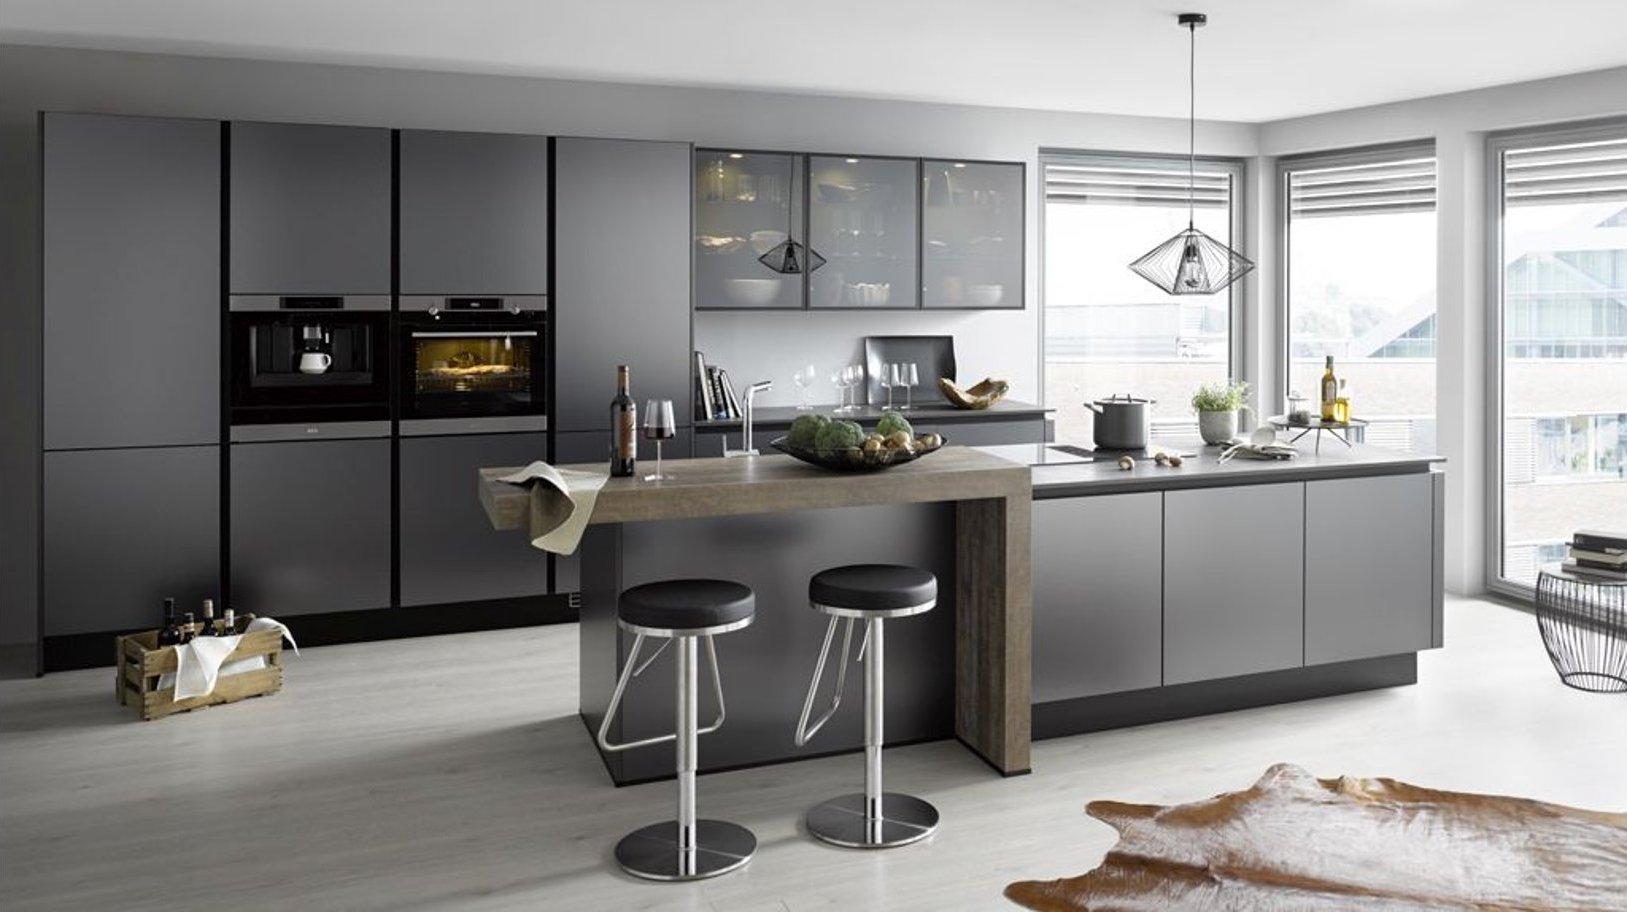 Küche Global 53.190 mit Grifflosen Design und Kochinsel in Titan metallic geschliffen Nachbildung